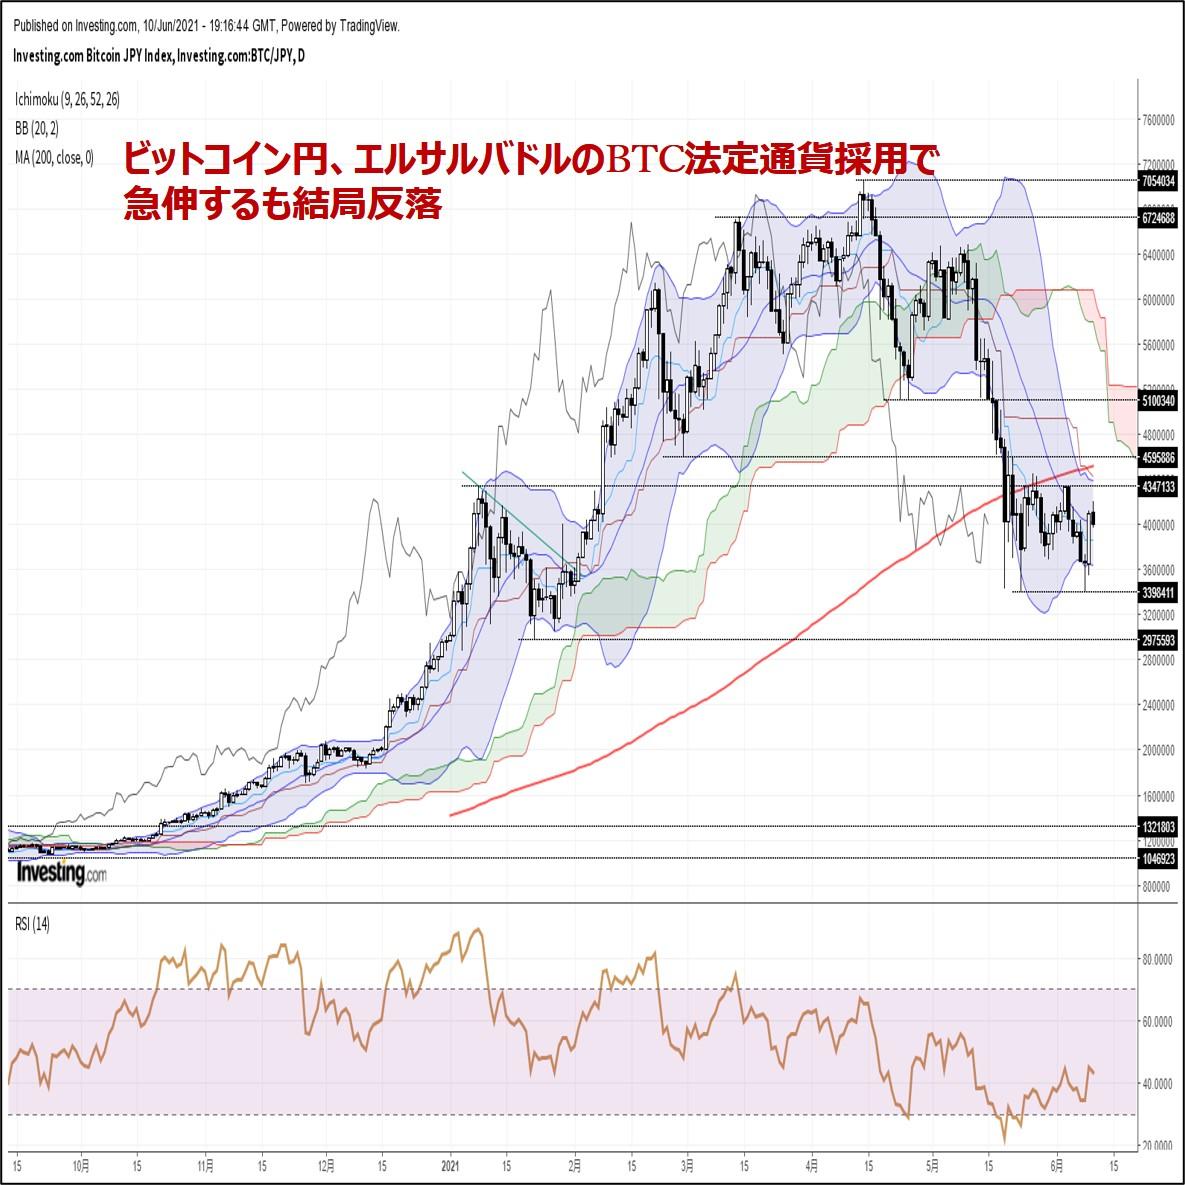 ビットコイン円、エルサルバドルのBTC法定通貨採用で急伸するも結局反落(6/11朝)